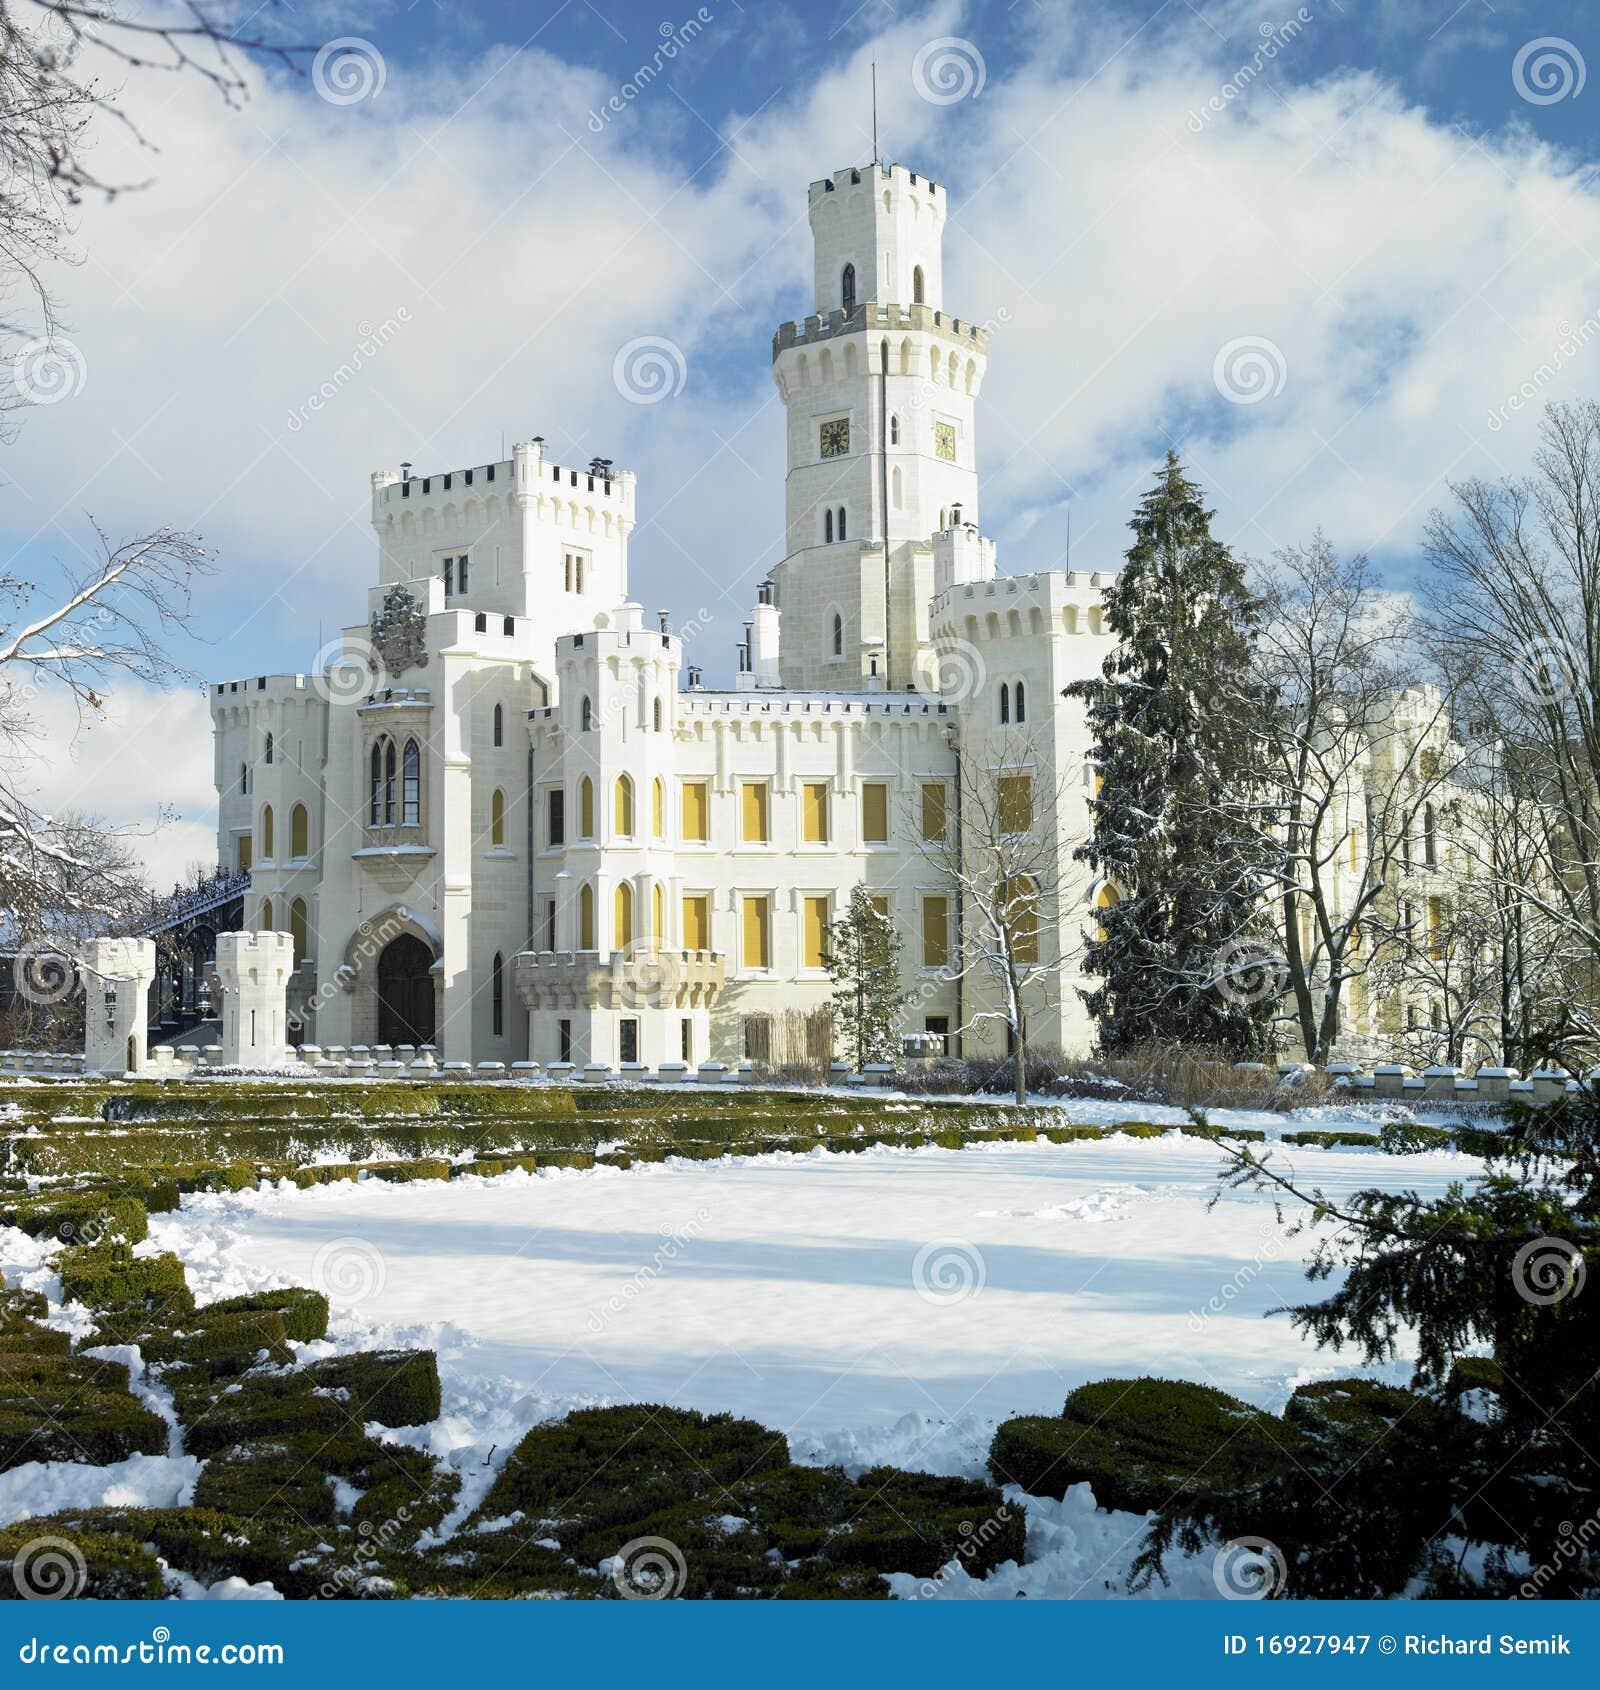 nad vltavou castle - photo #28